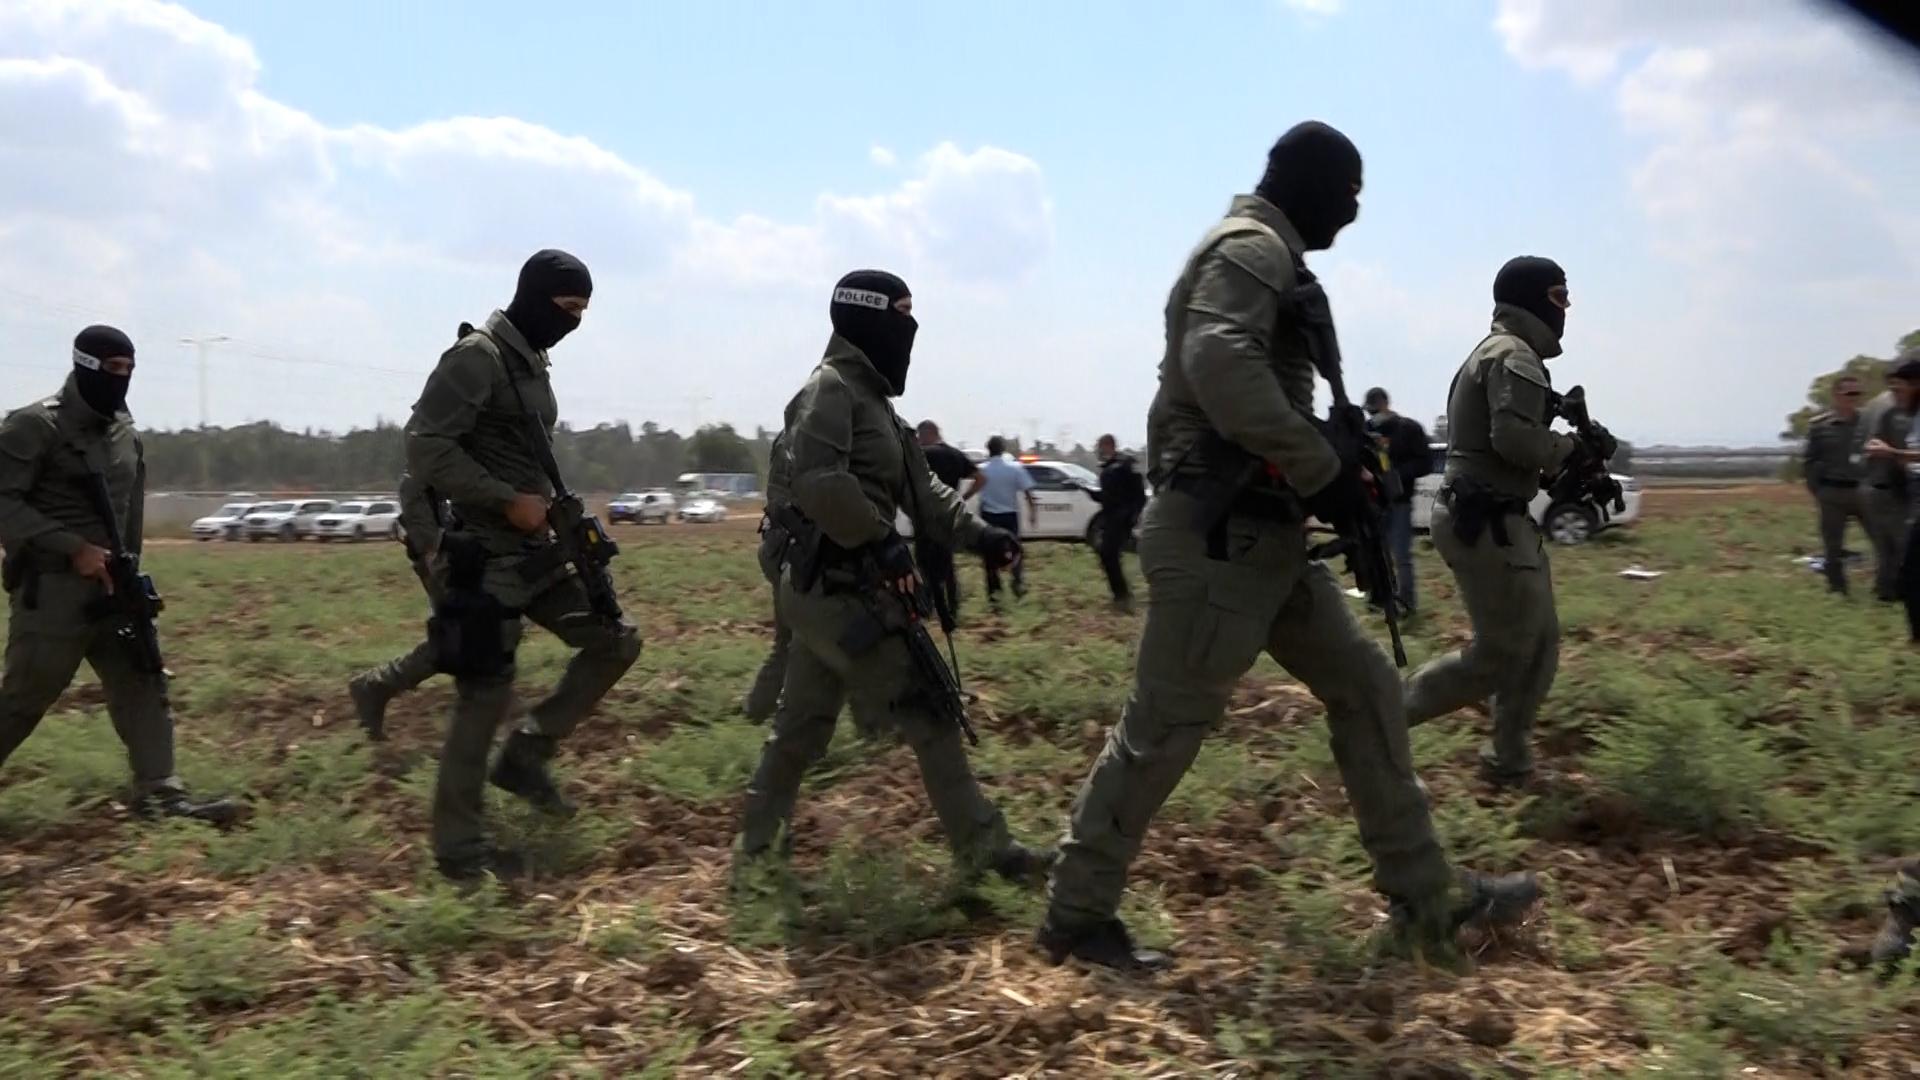 חיפושים נרחבים בהיקף כוחות גדול במהלך המצוד אחר המחבלים. צילום: דוברות המשטרה